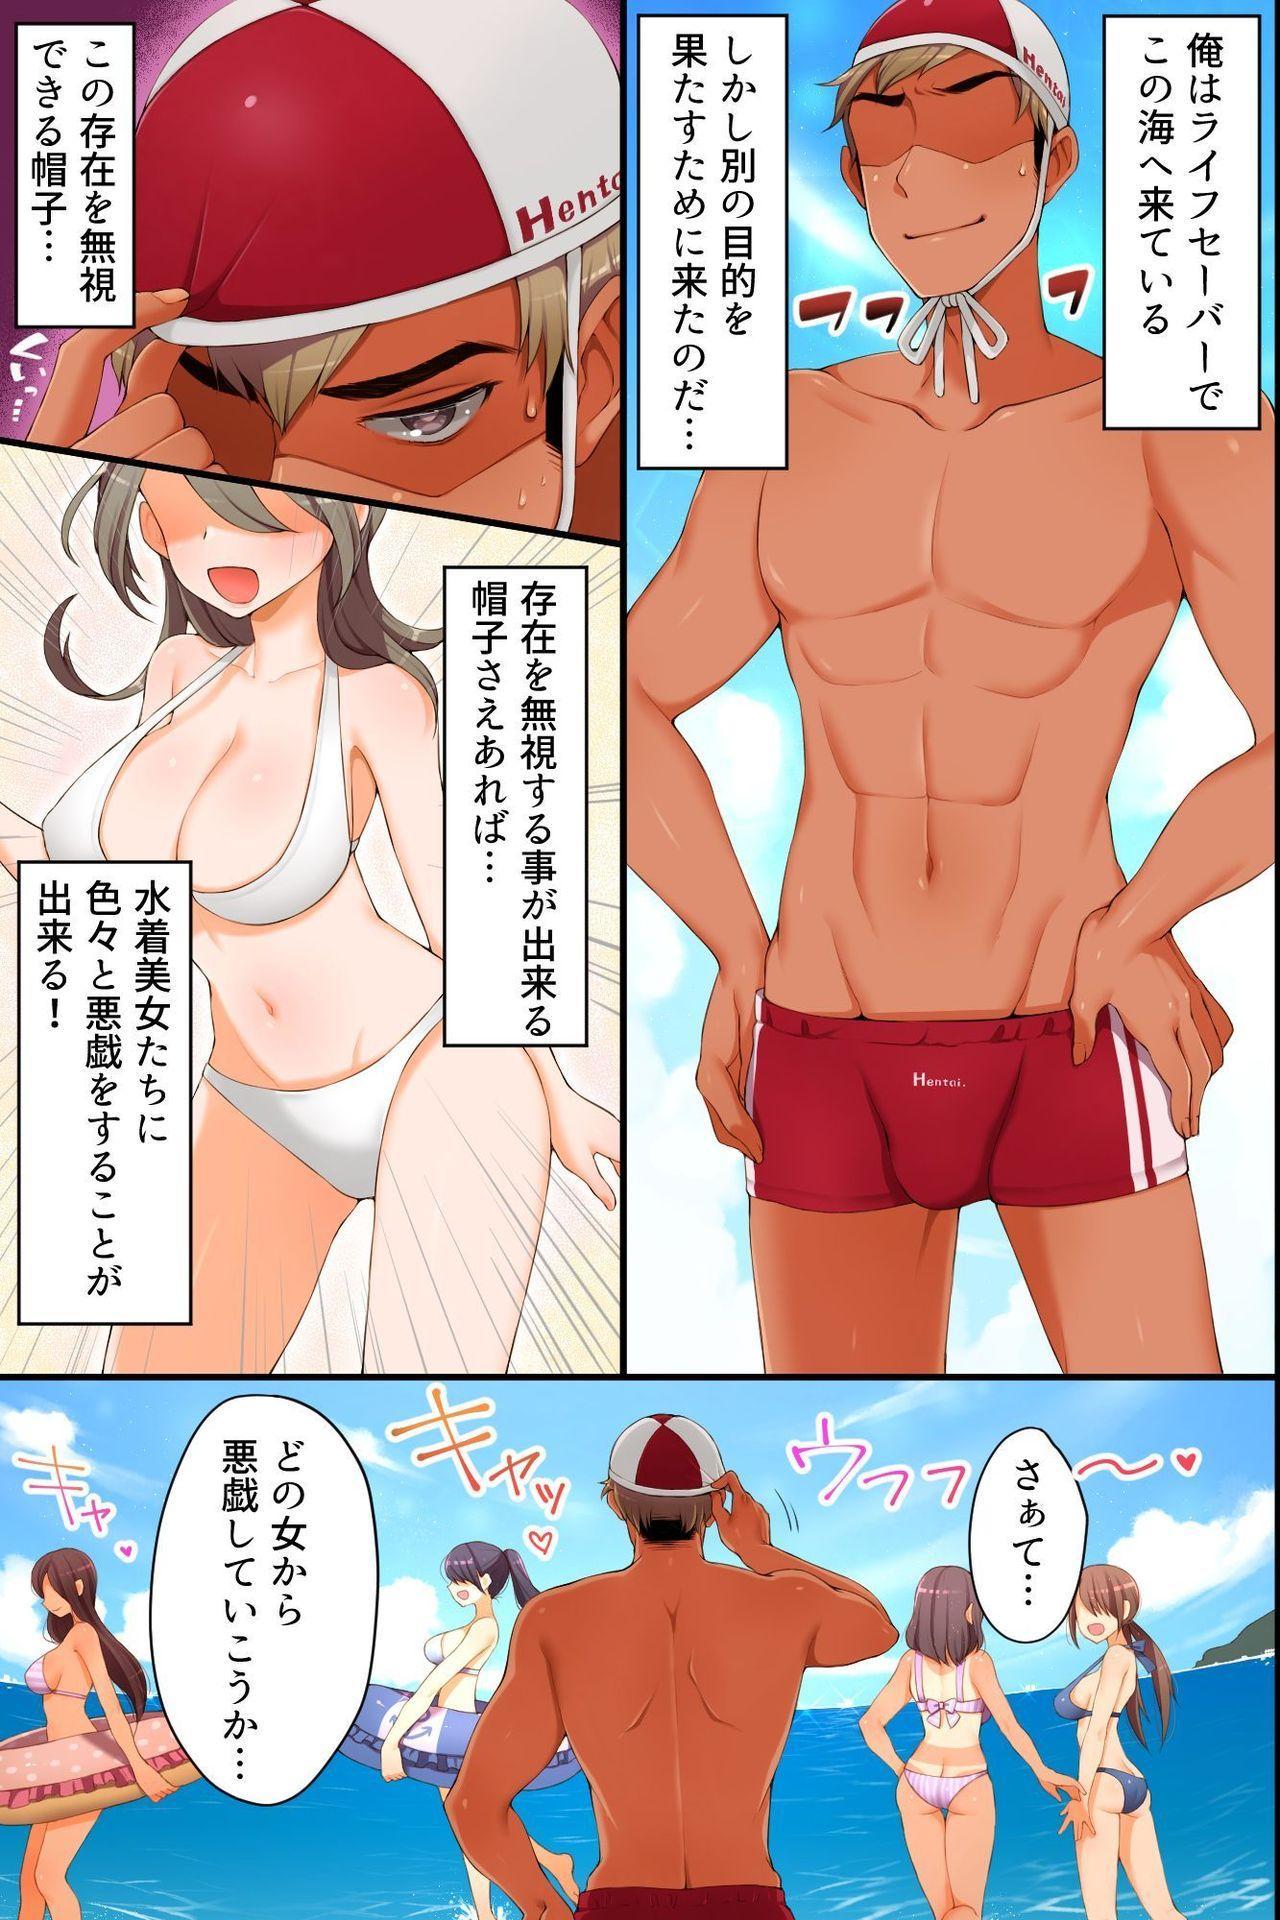 Dare mo Ore ni Kizukanai!? Mizugi Bijo o Yaritai Houdai, Suki Houdai! 3